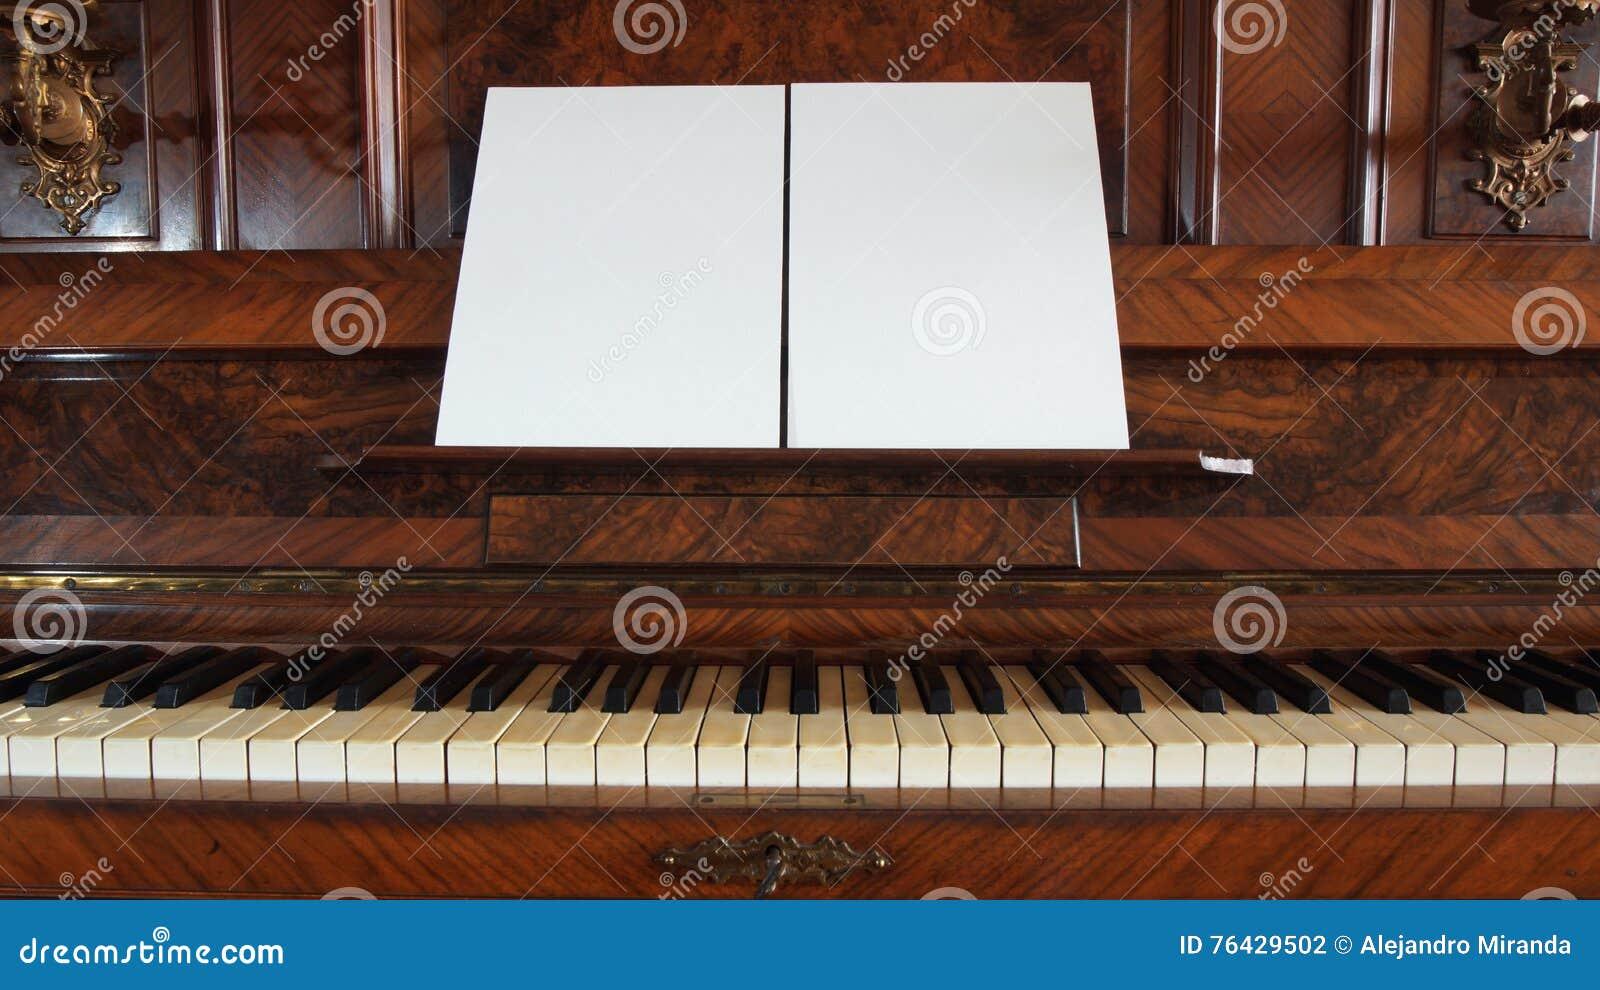 Вид спереди античного рояля с клавиатурой открытой и 2 листами чистого листа бумаги на поддержке для музыкальных примечаний